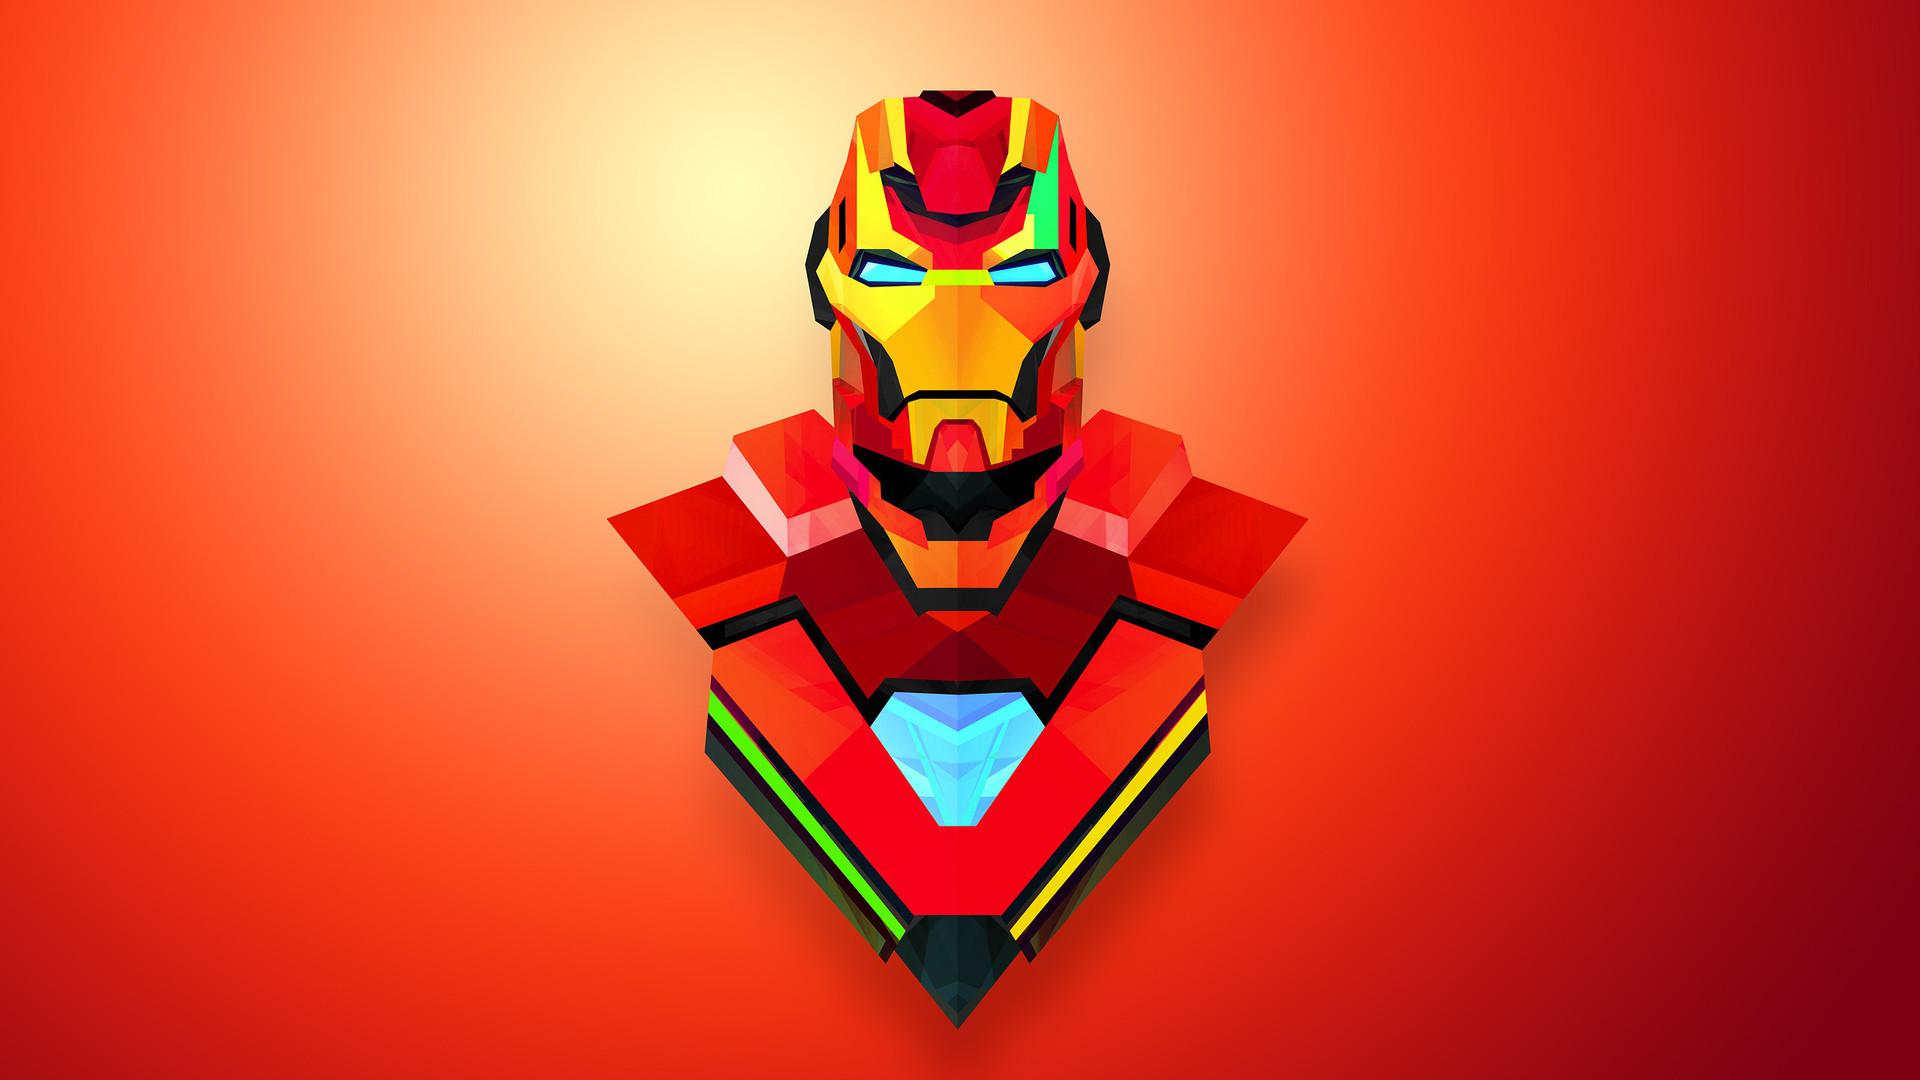 27996-red-iron-man-digital-art-desktop-wallpaper-